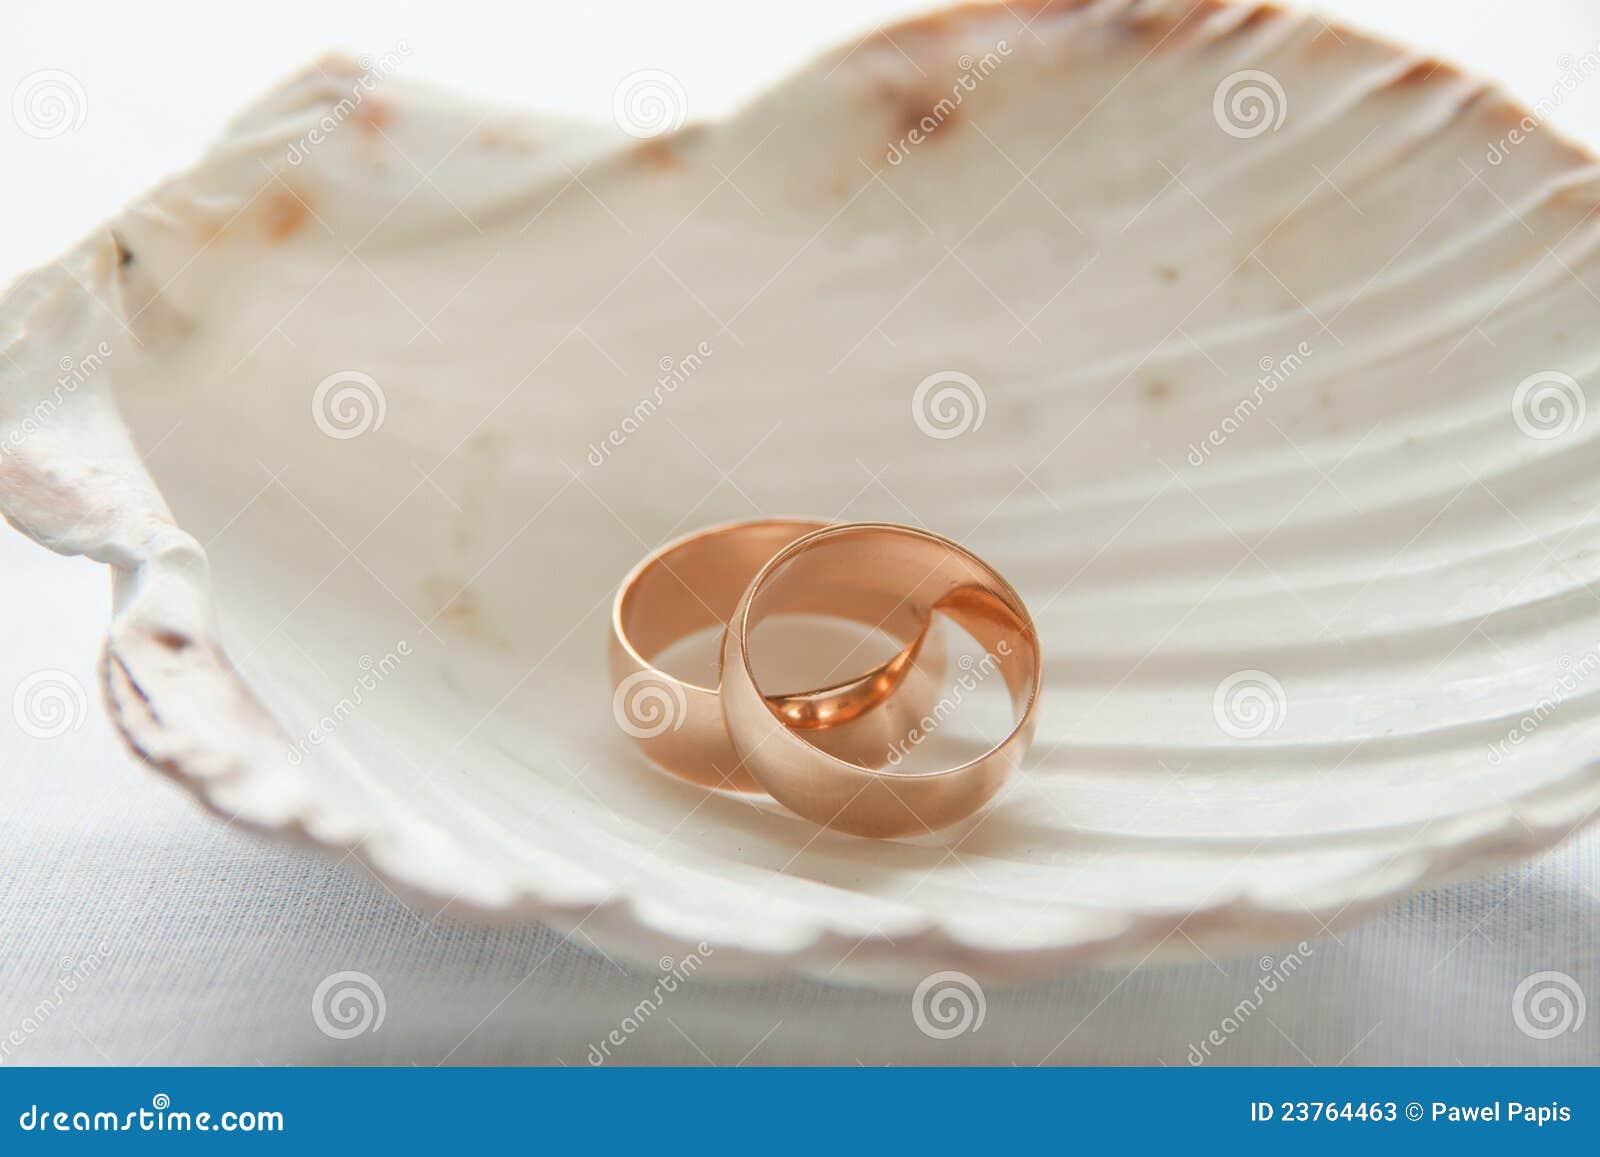 Couple Rings Seashell